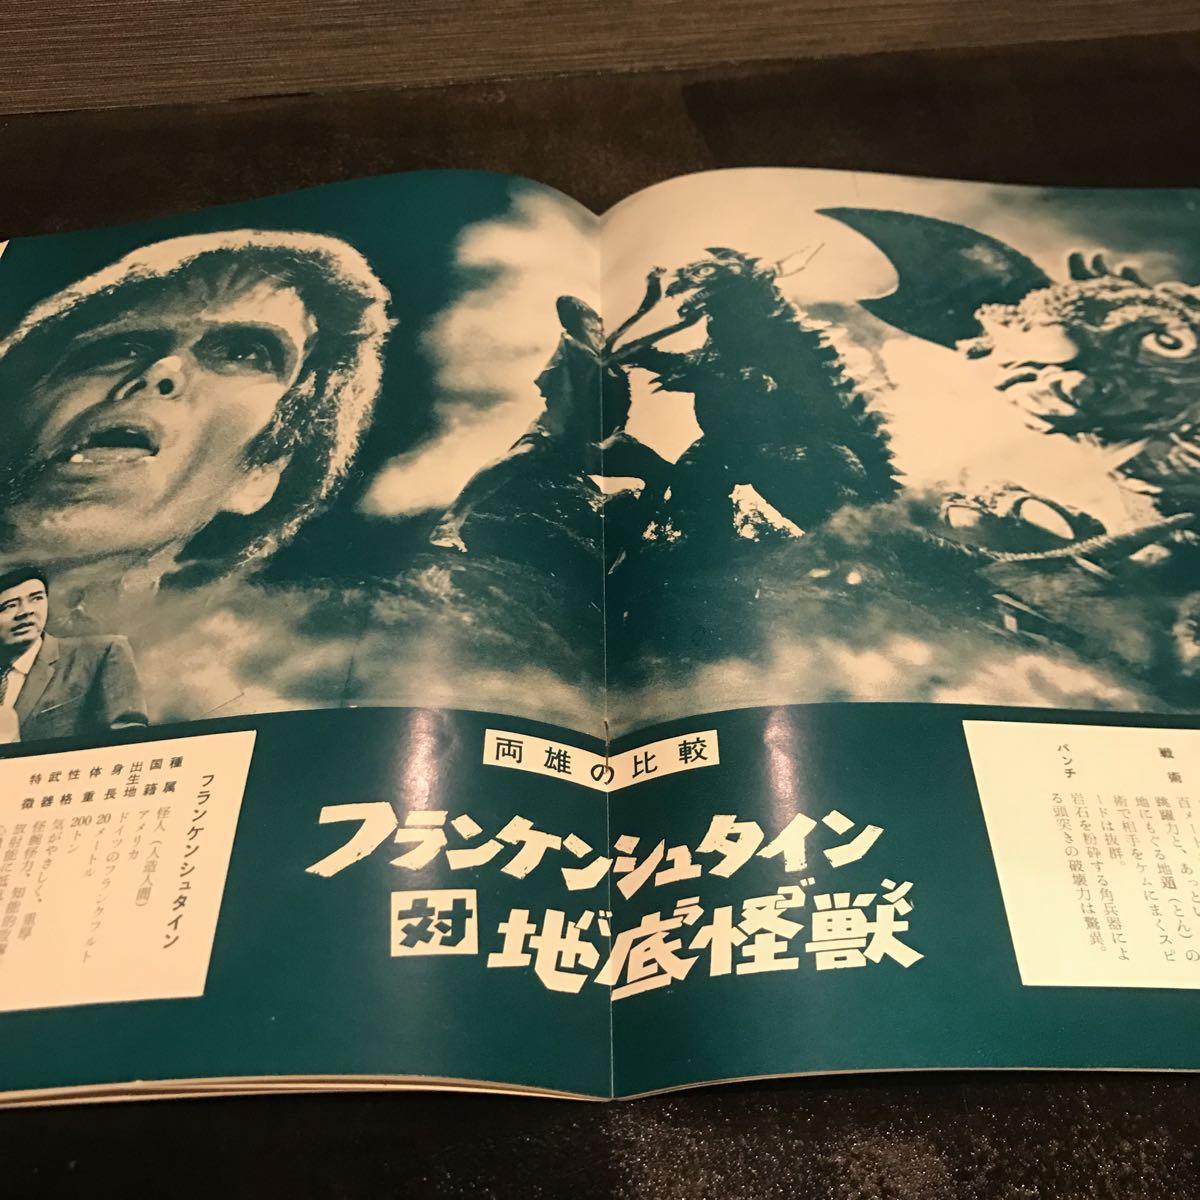 フランケンシュタイン対地底怪獣 バラゴン パンフレット 特撮 日本映画 昭和レトロ 美品 レア_画像7